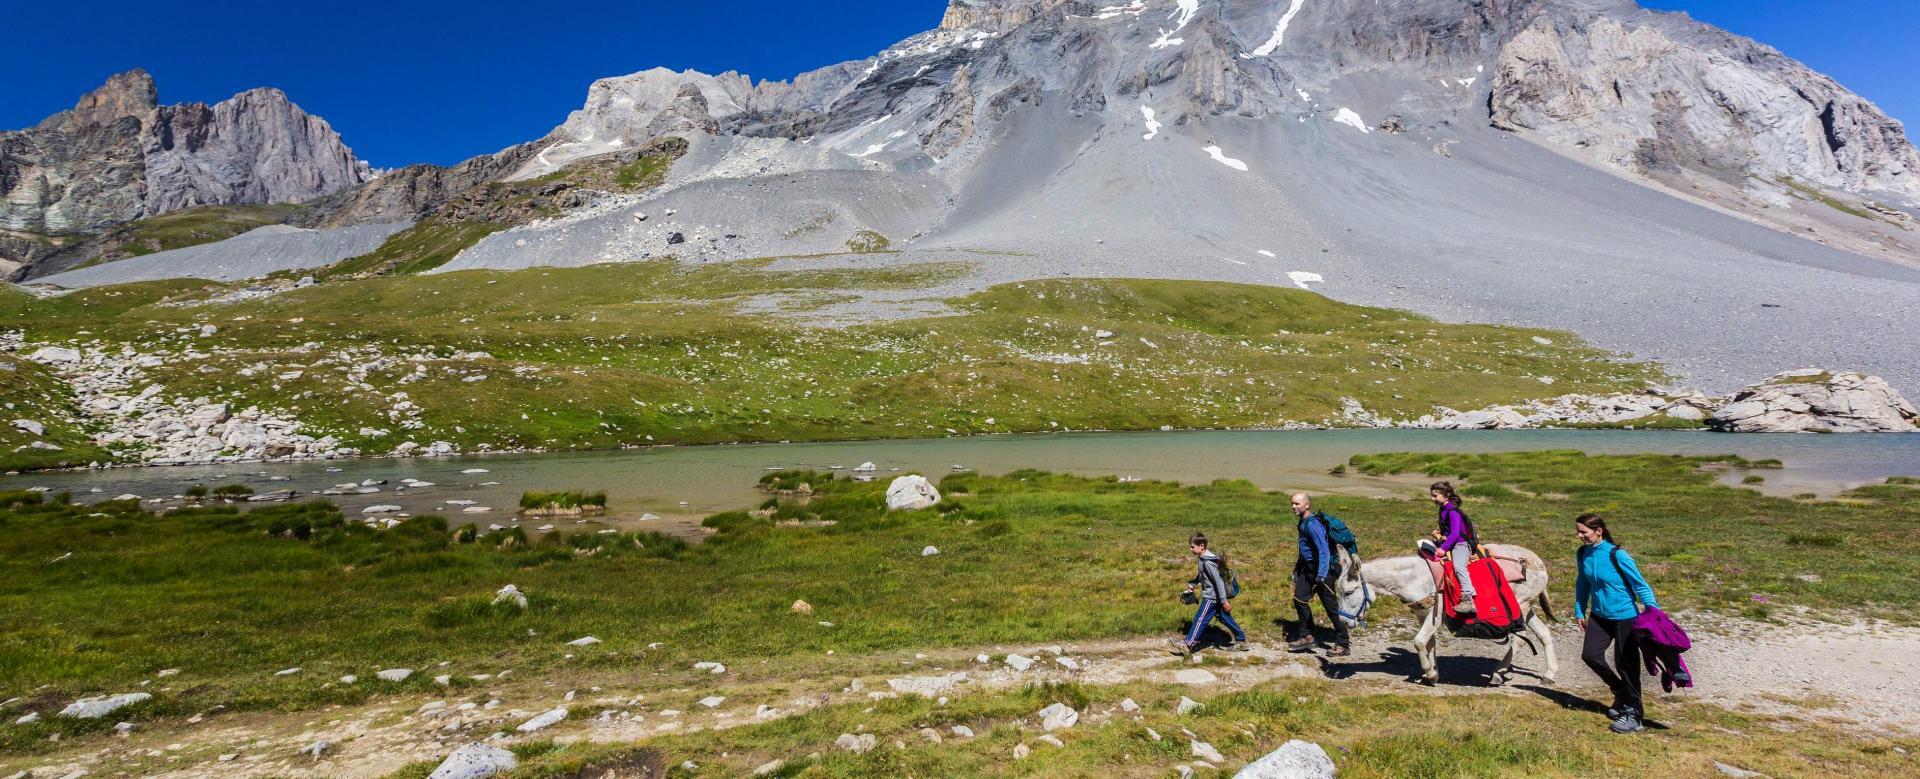 Voyage avec des animaux : Hi-han au mont-blanc : deuxième étape